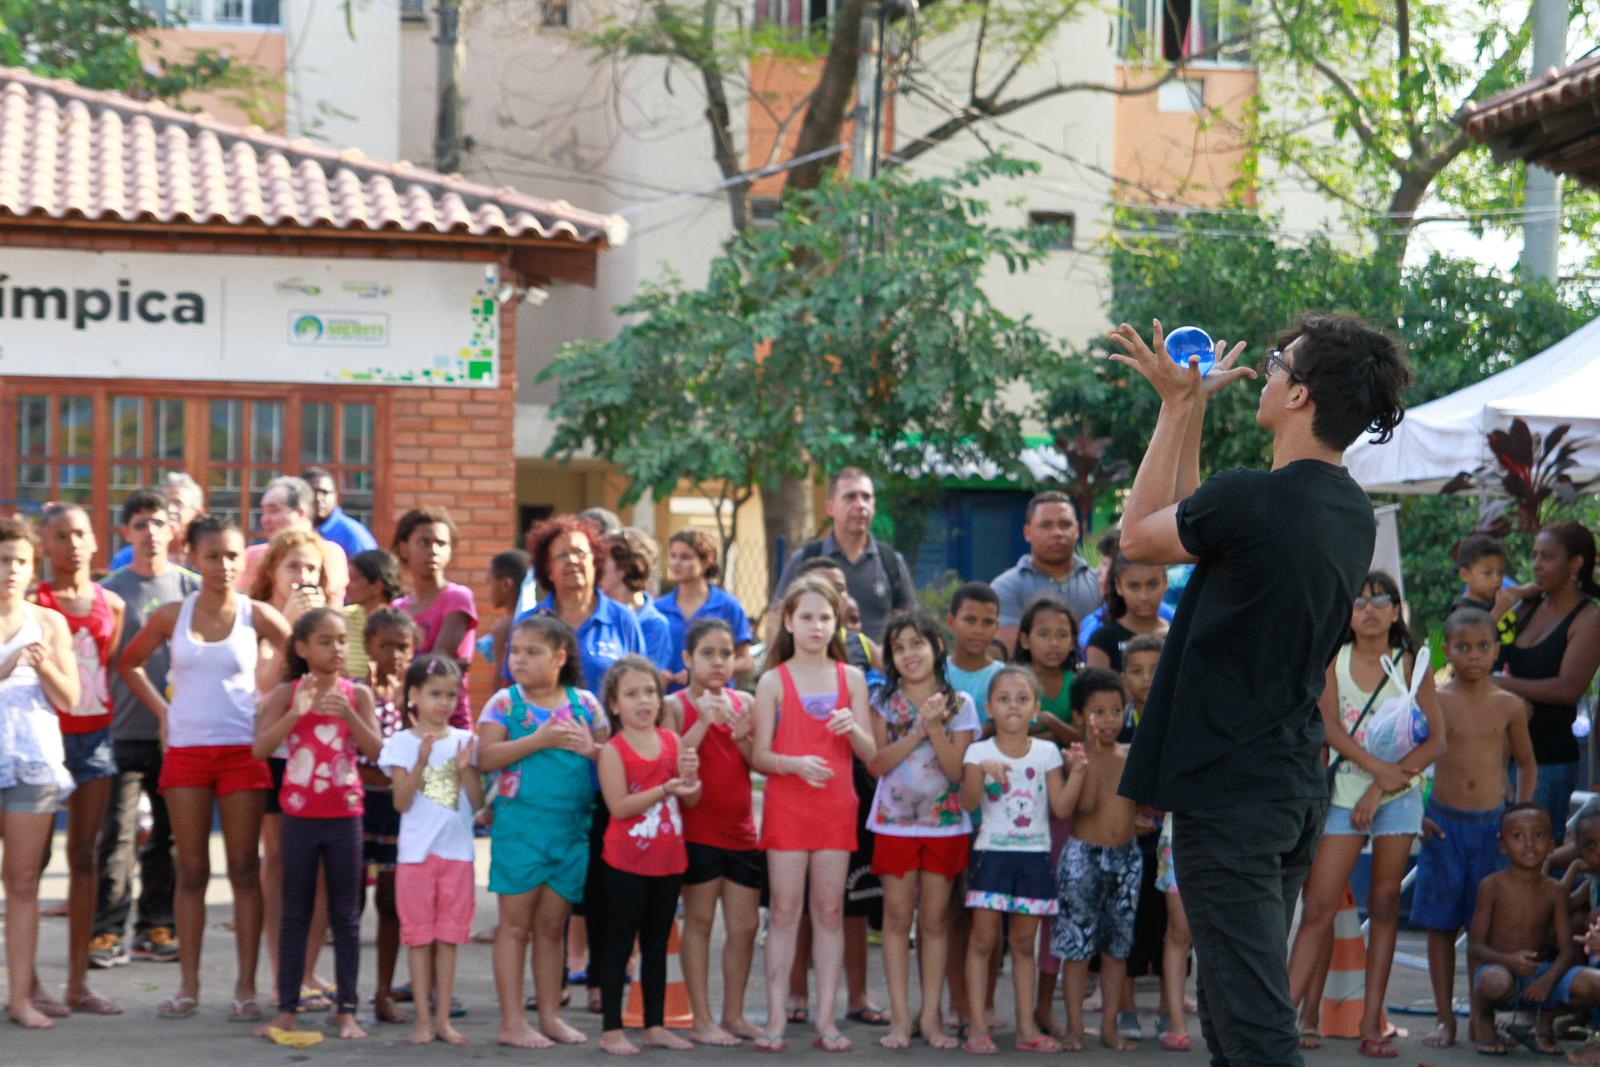 12 - altas 08.08.2016 - Colonia de Férias na Vila Olímpica _ Glaucio Burle